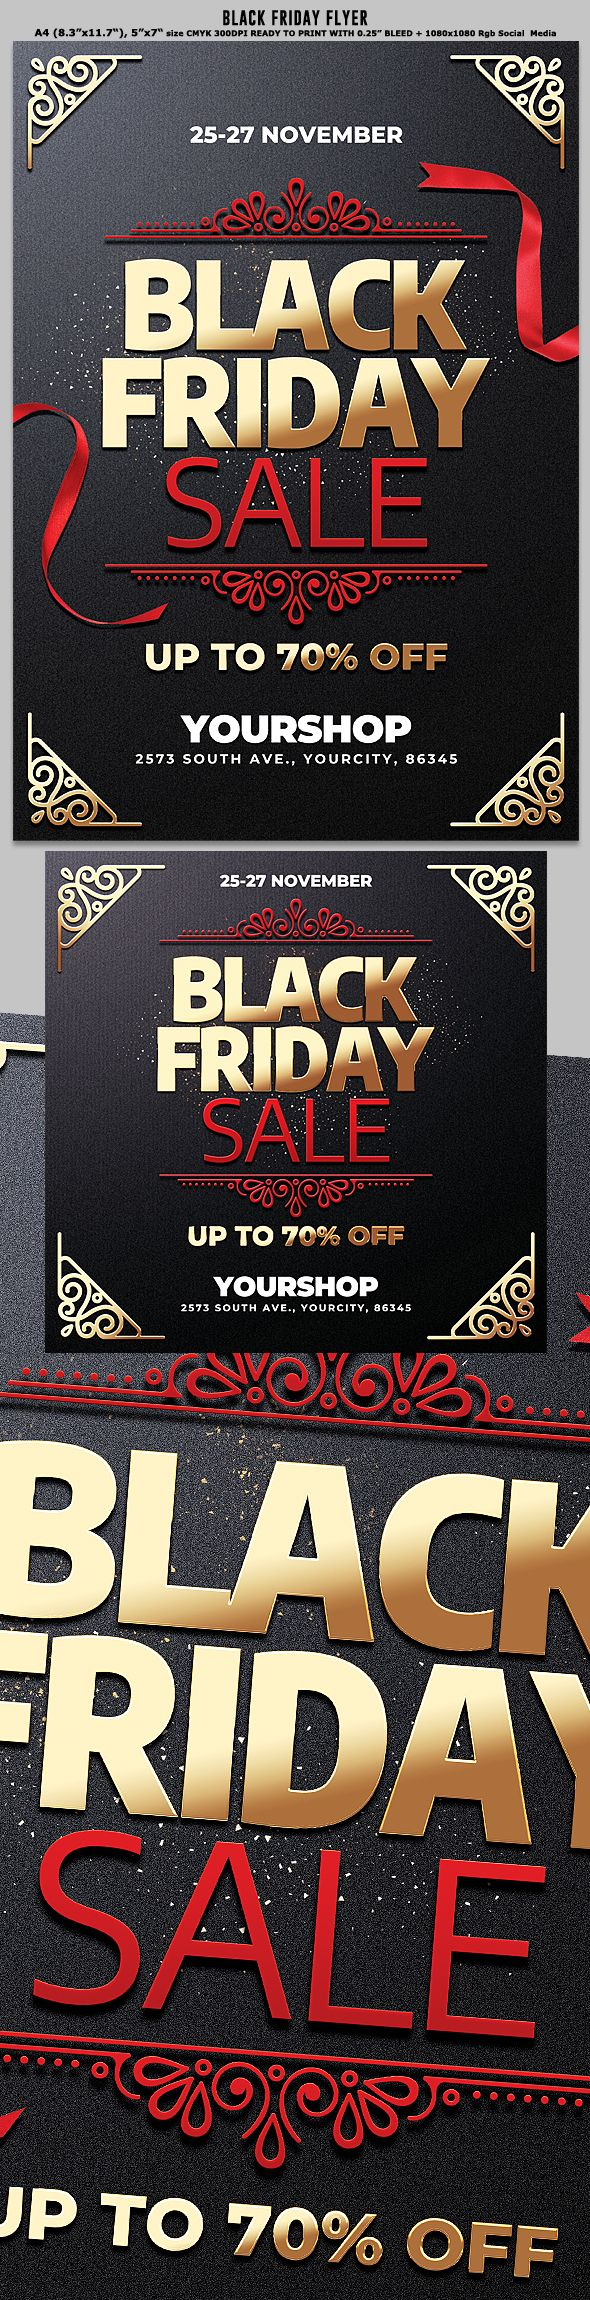 Black Friday Sale Flyer In 2020 Black Friday Flyer Black Friday Sale Flyer Black Friday Sale